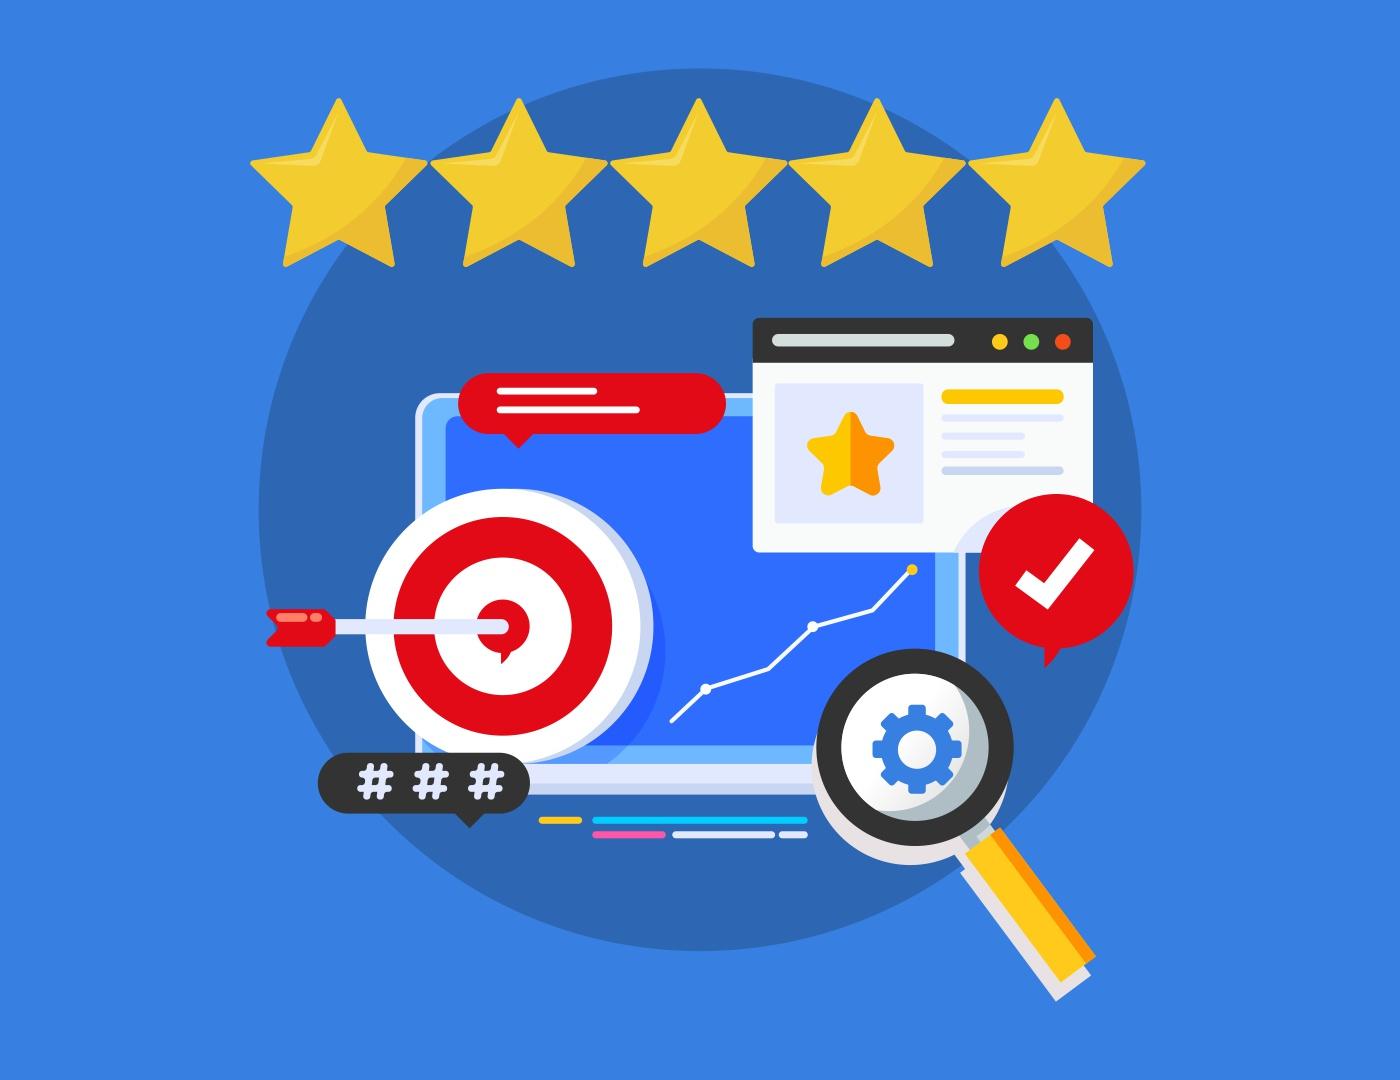 Uruchomienie gwiazdek ocen i ich wpływ na klikalność strony